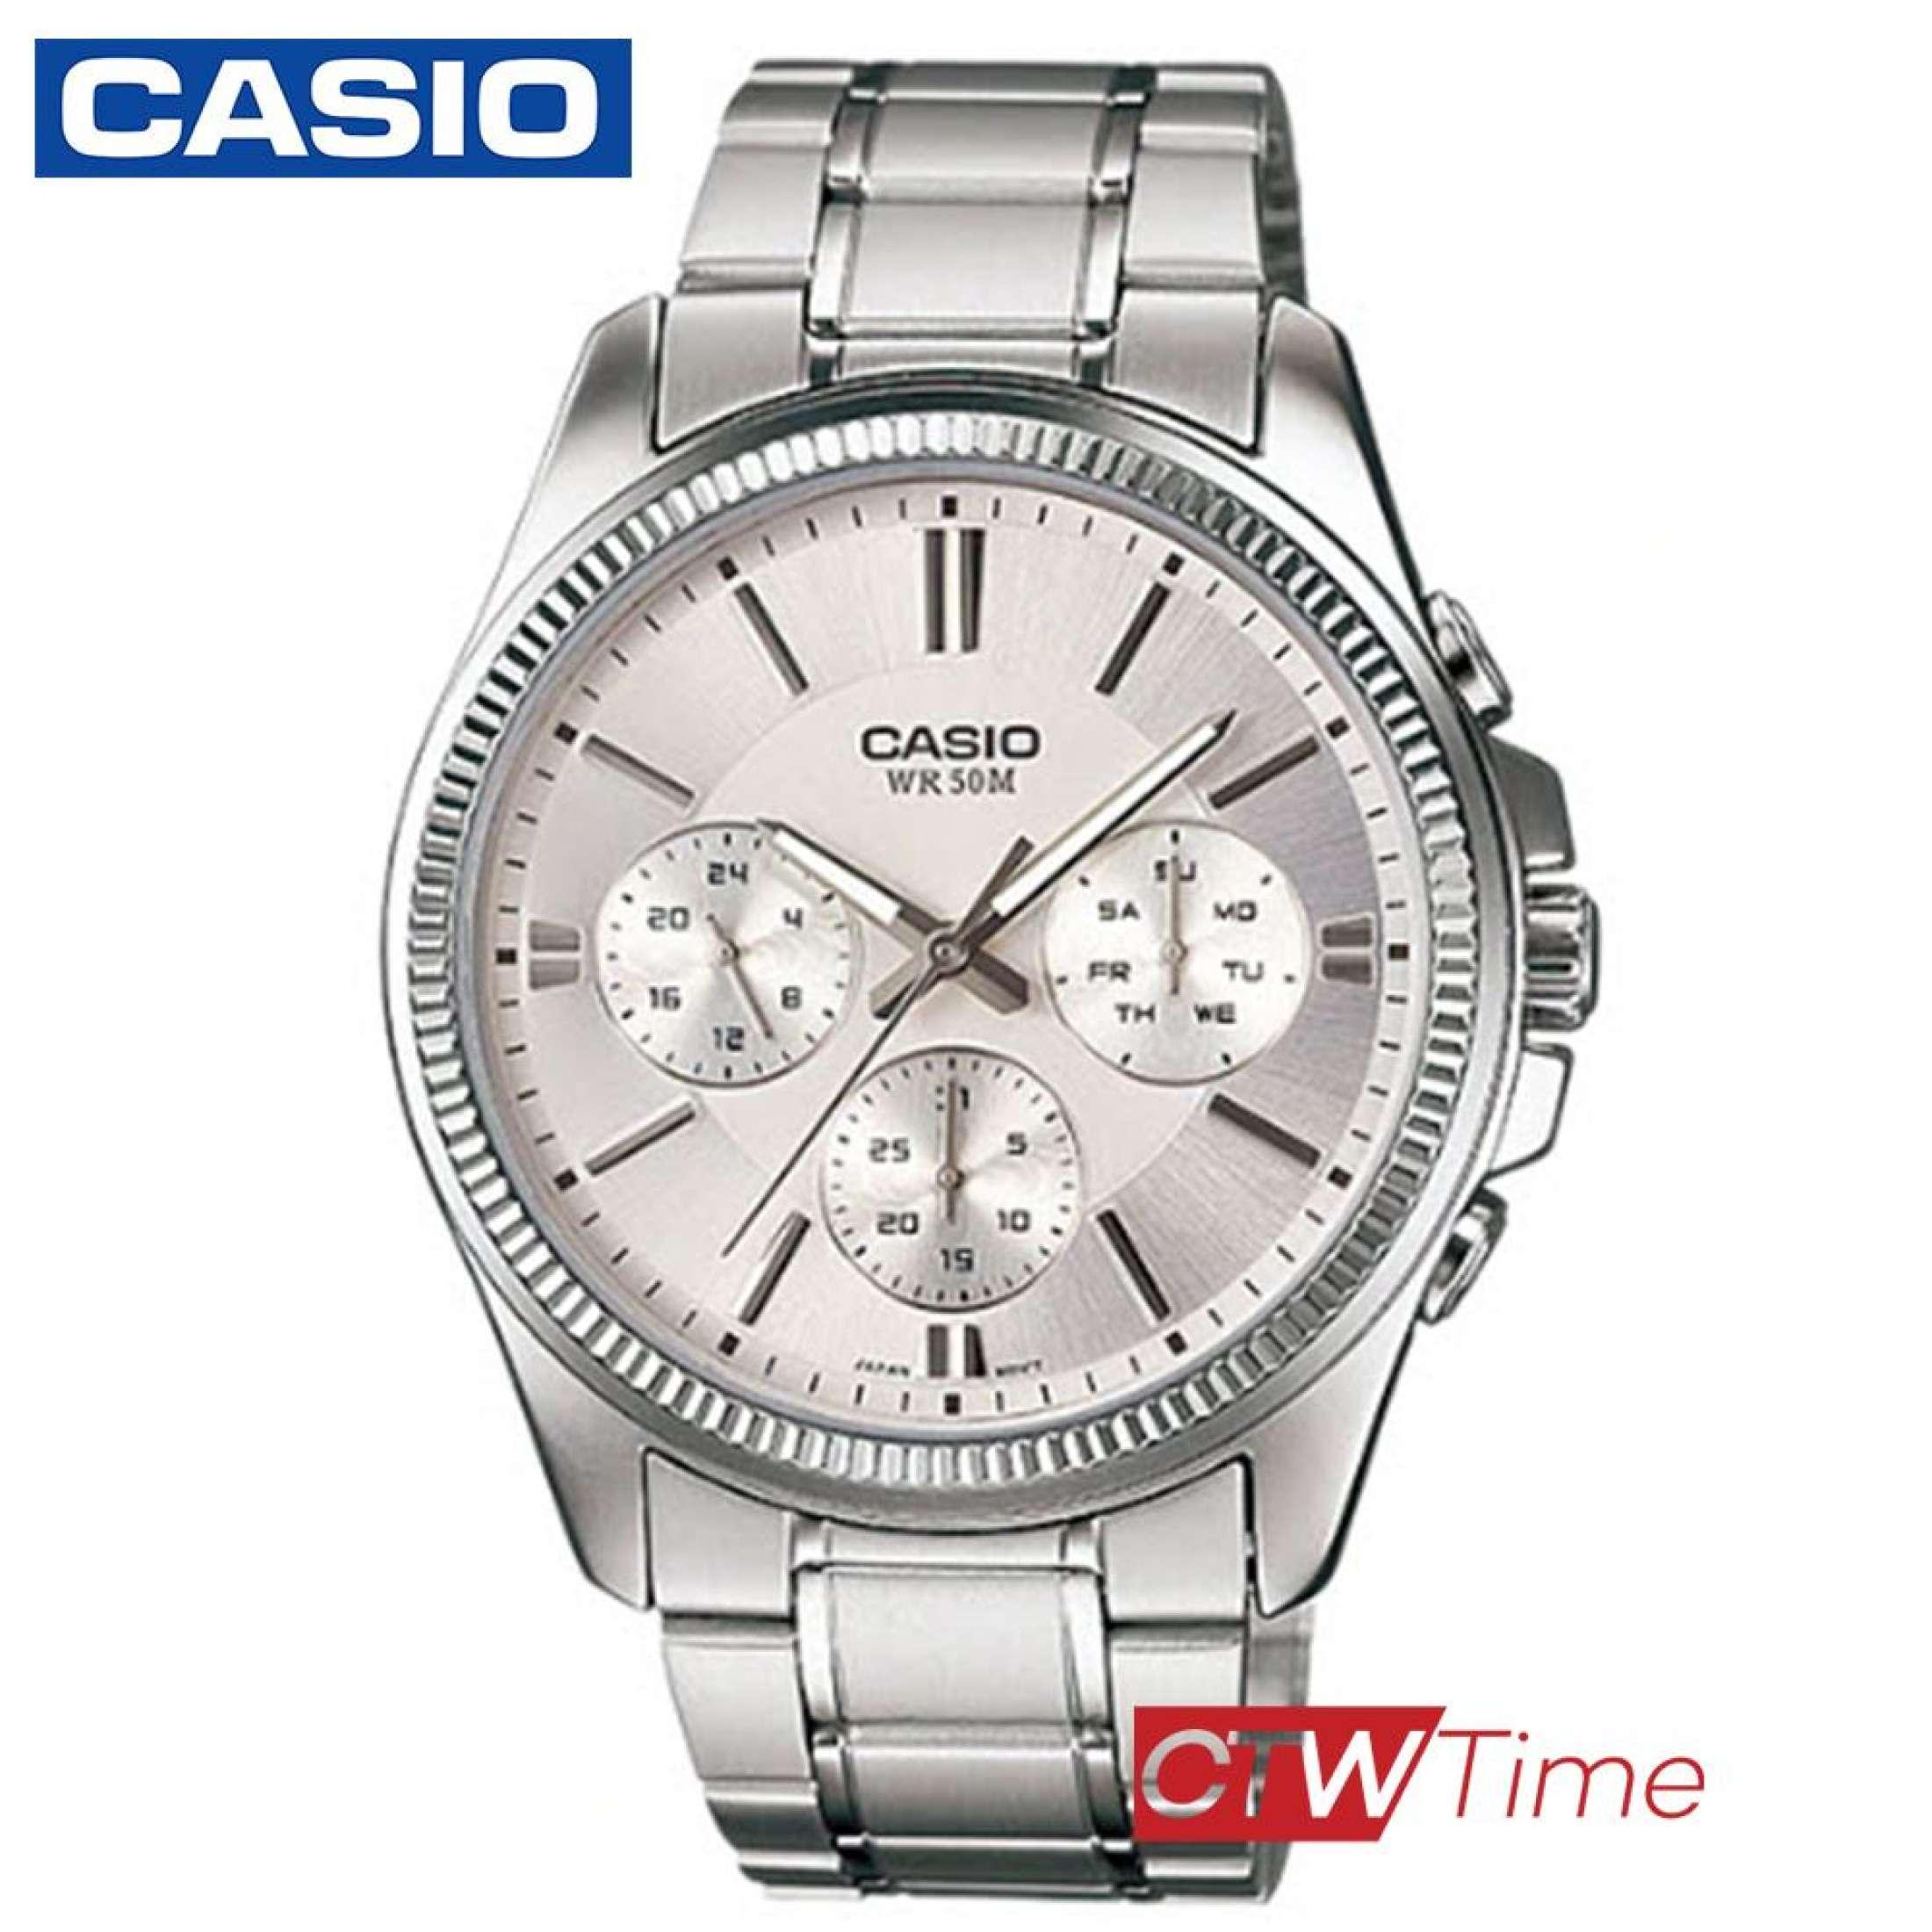 ส่งฟรี !! Casio Standard นาฬิกาข้อมือผู้ชาย สายสแตนเลส รุ่น MTP-1375D-7AVDF (Silver/White) xR6Y